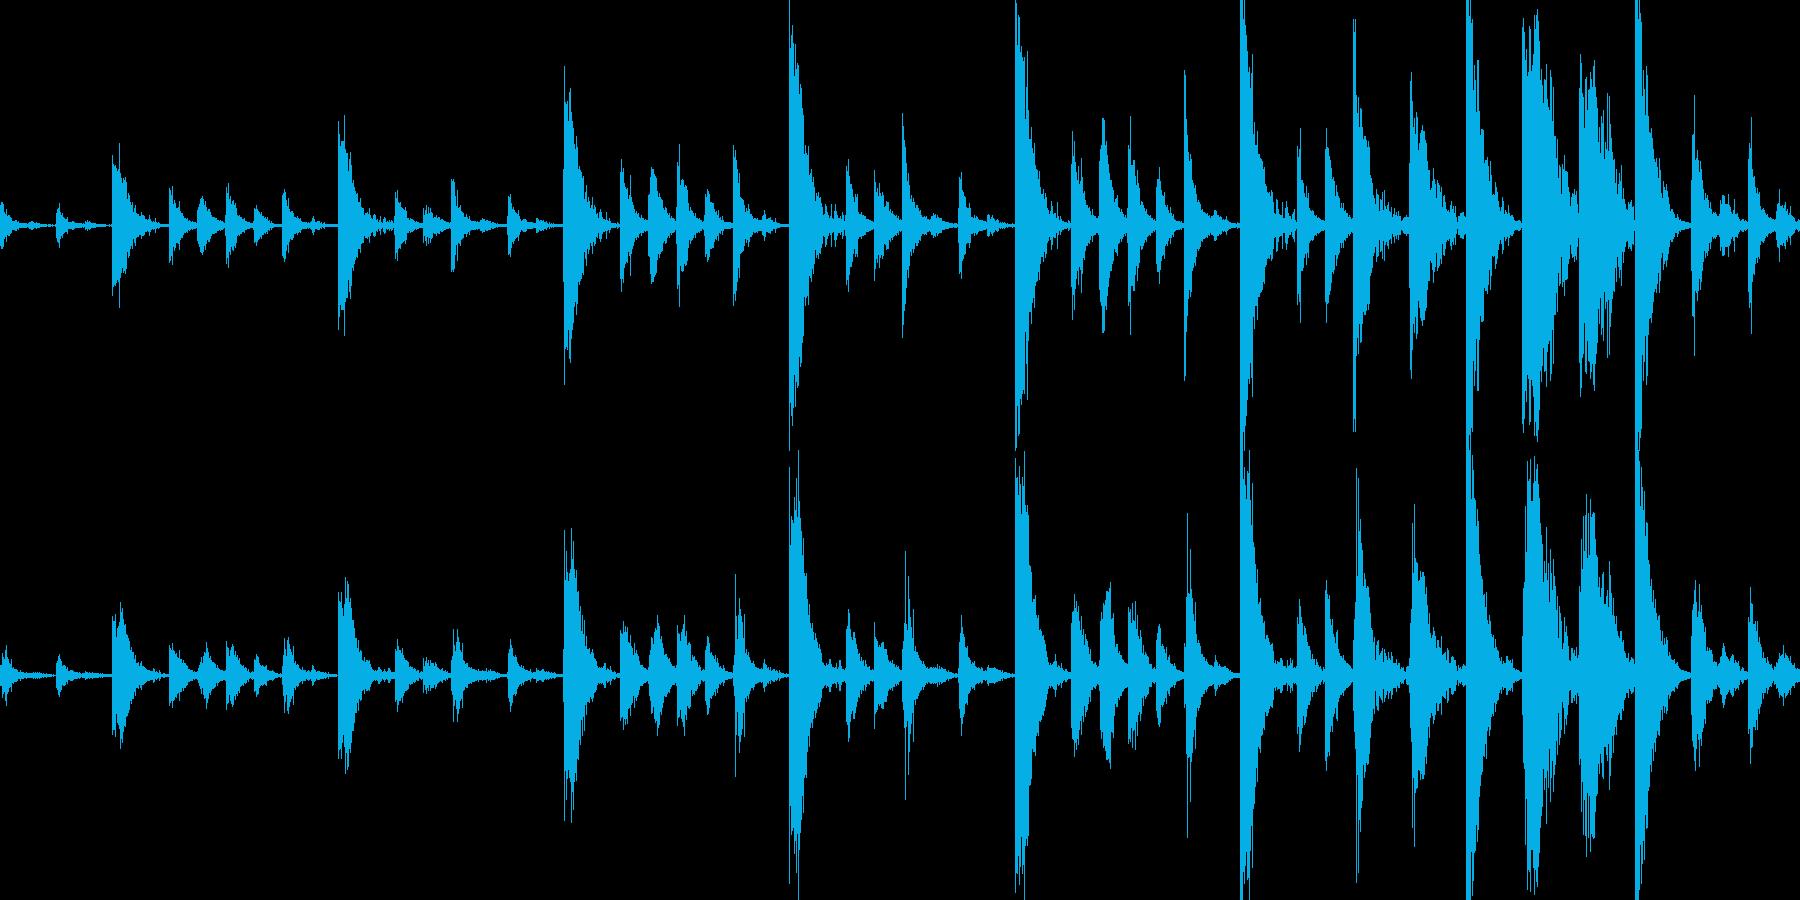 ドラムンベースのリズムループパターン#4の再生済みの波形